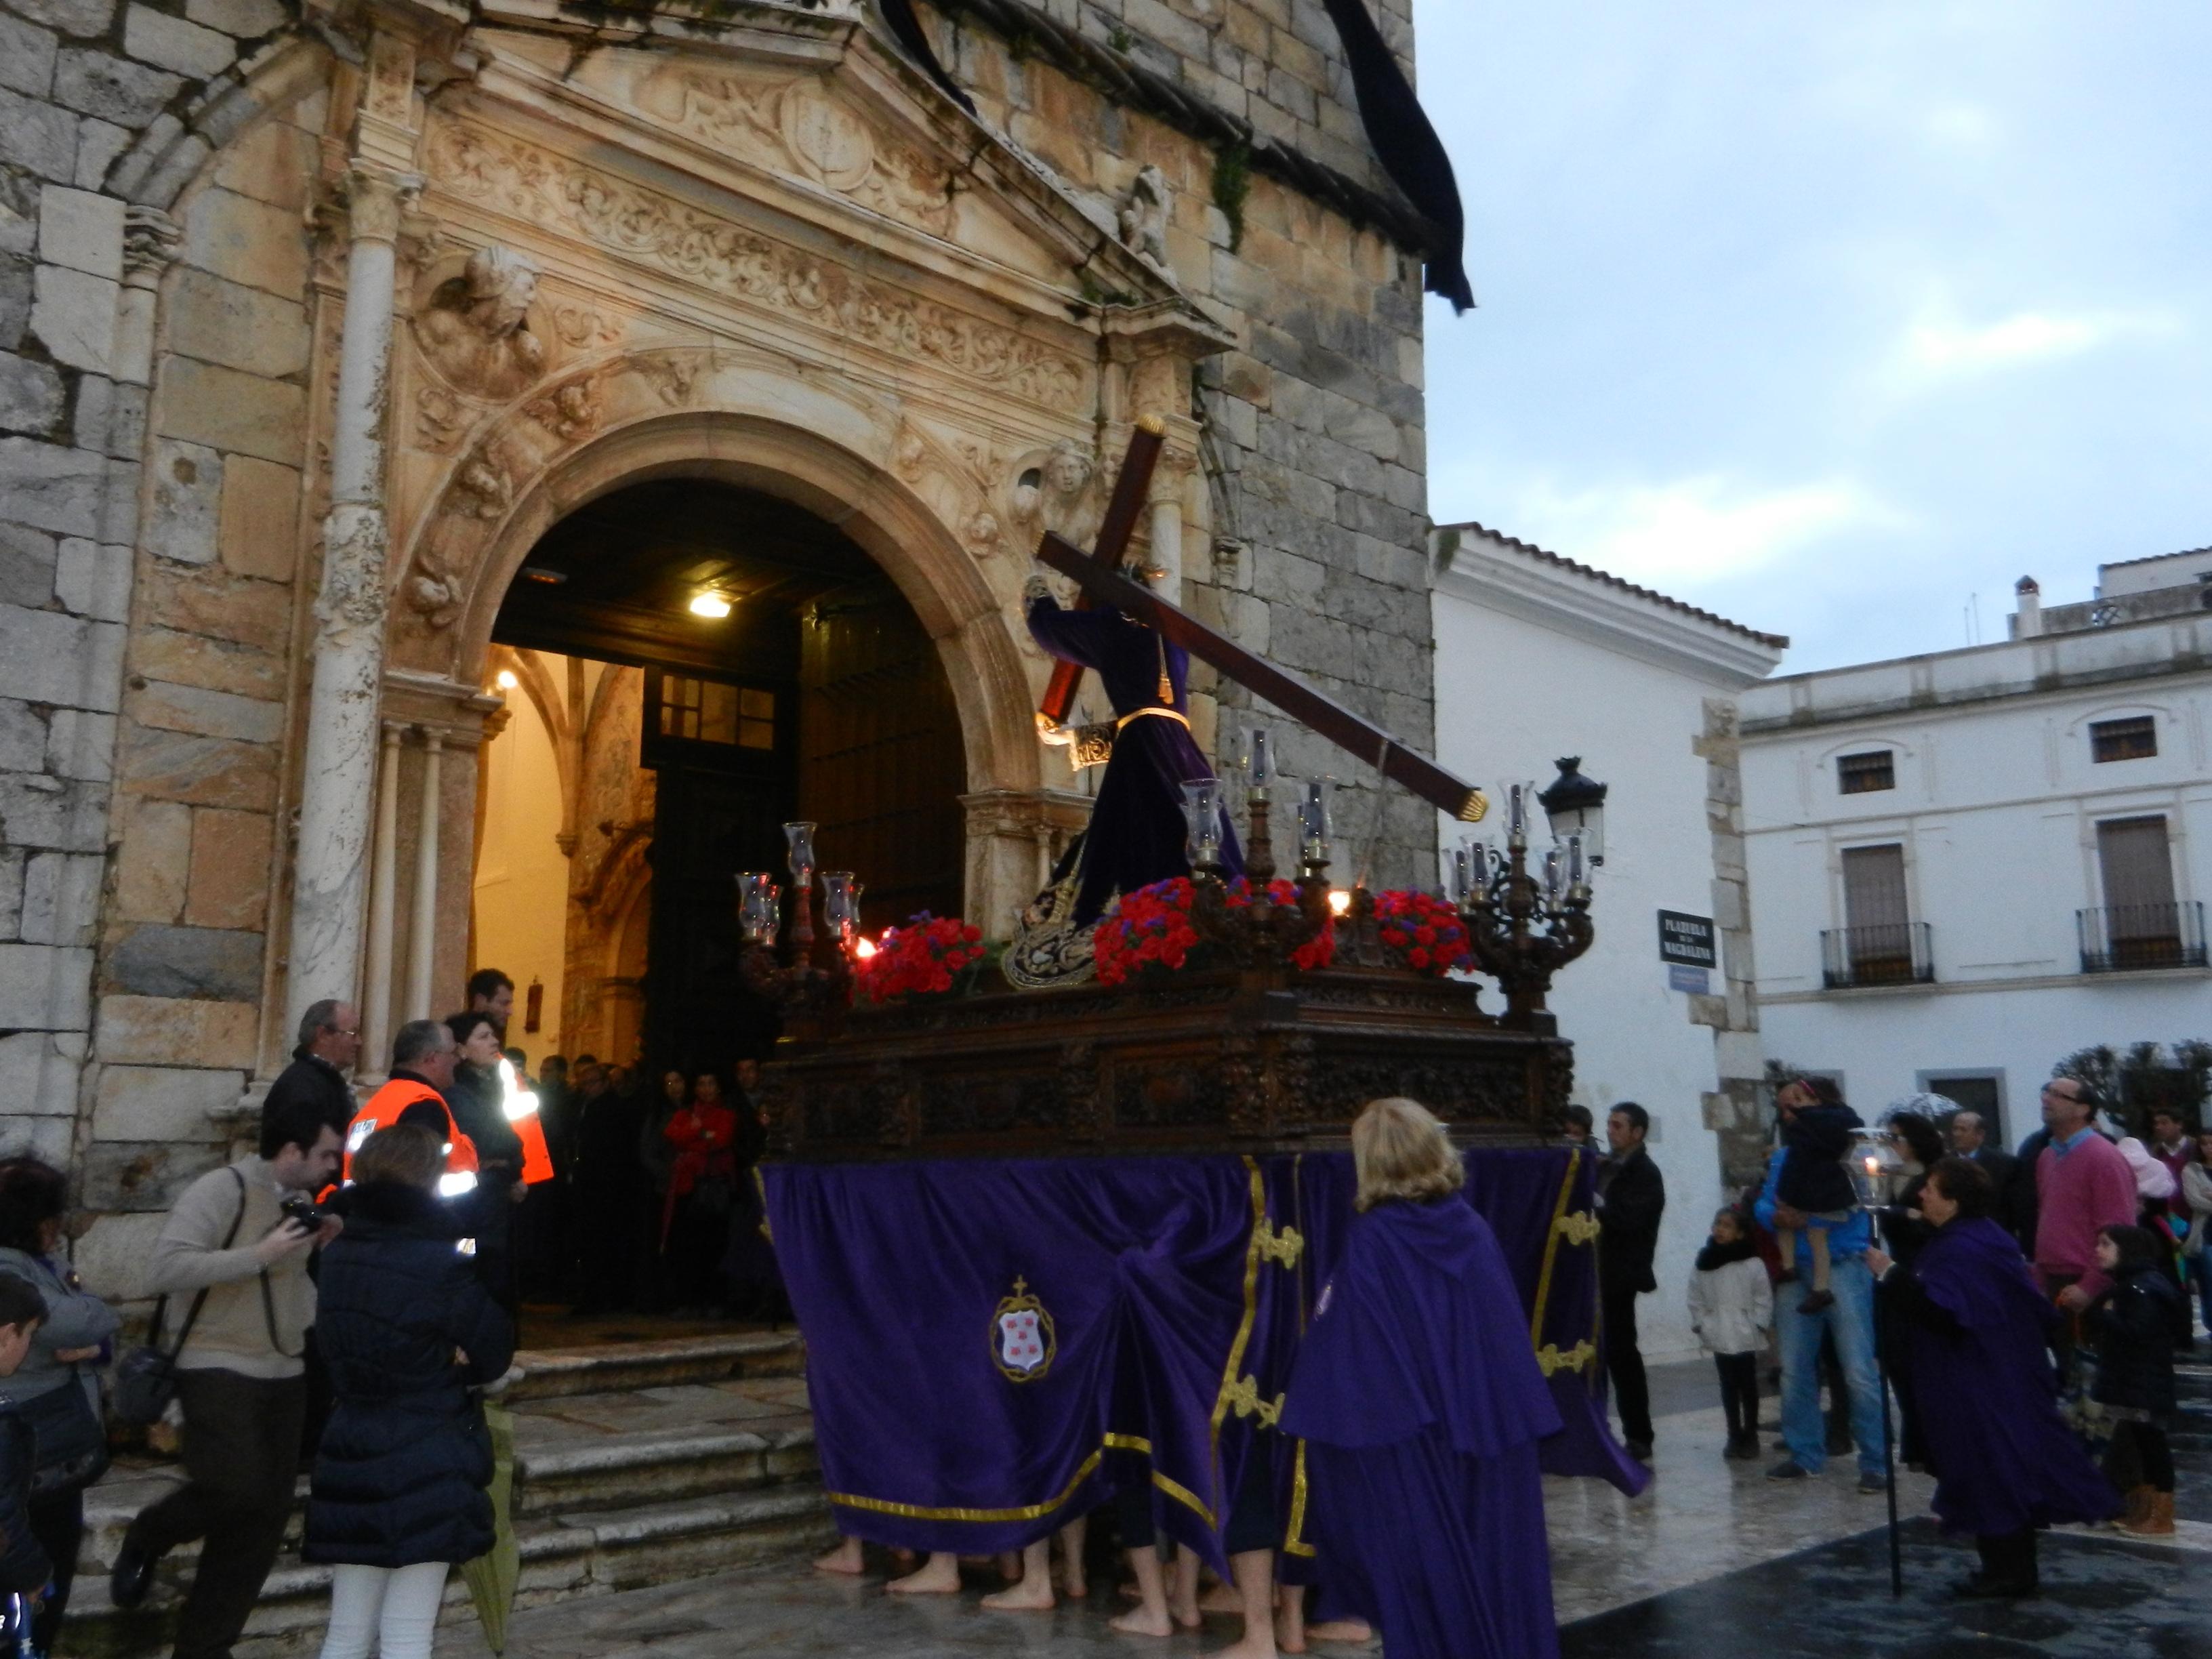 El patrón de Olivenza vuelve al templo para resguardarse de las condiciones climatológicas